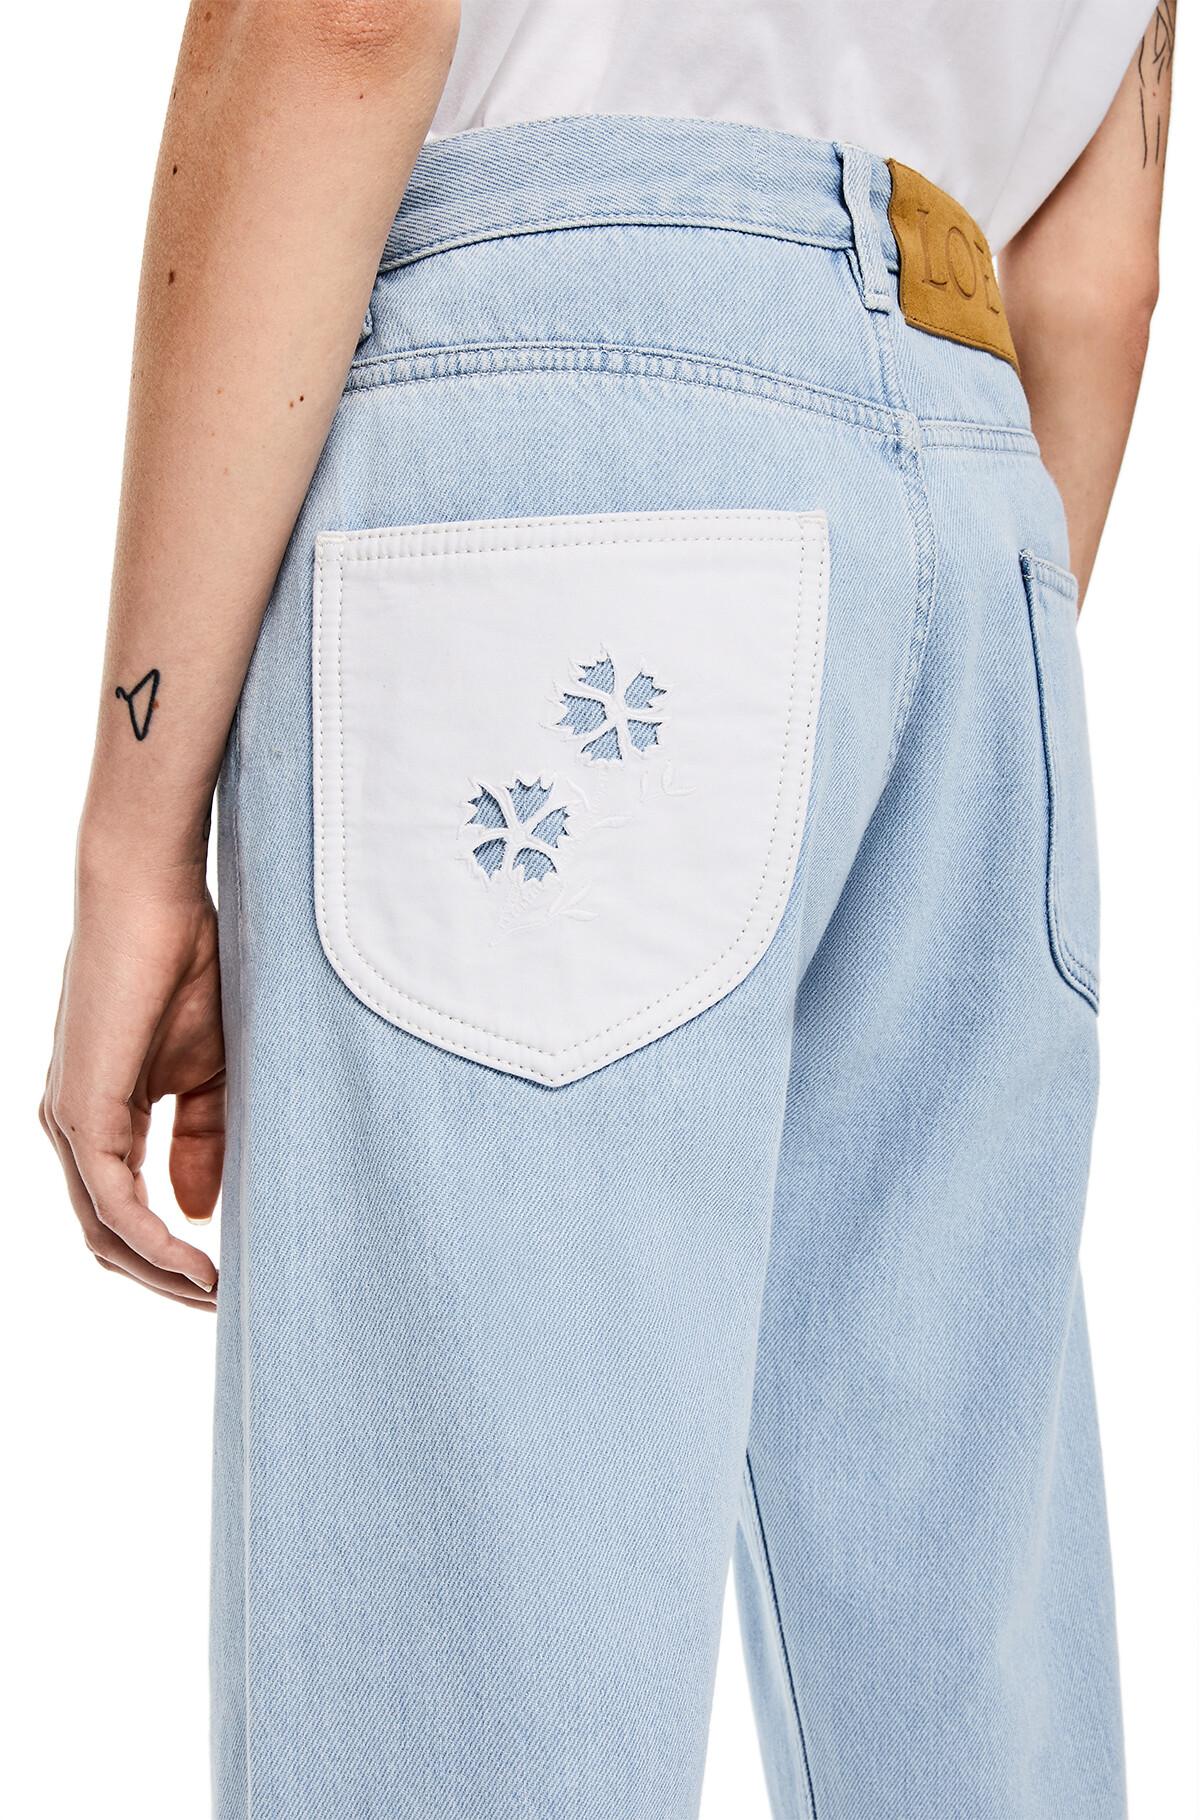 LOEWE Embroidered Back Pocket Jeans Light Blue front